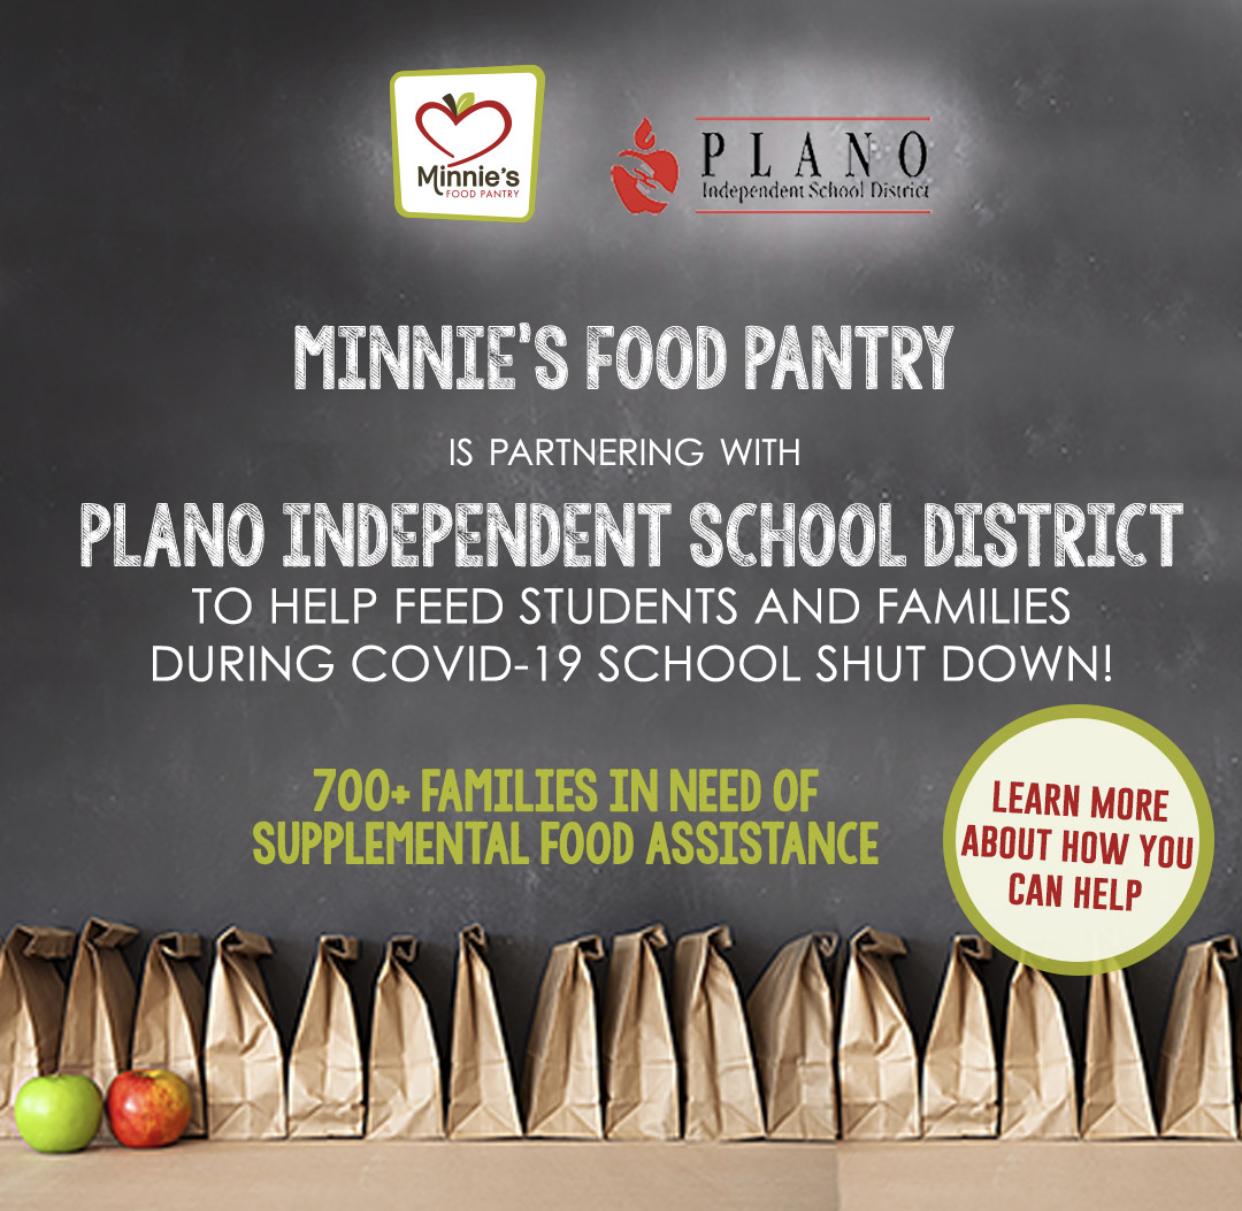 PISD Minnie's Food Pantry